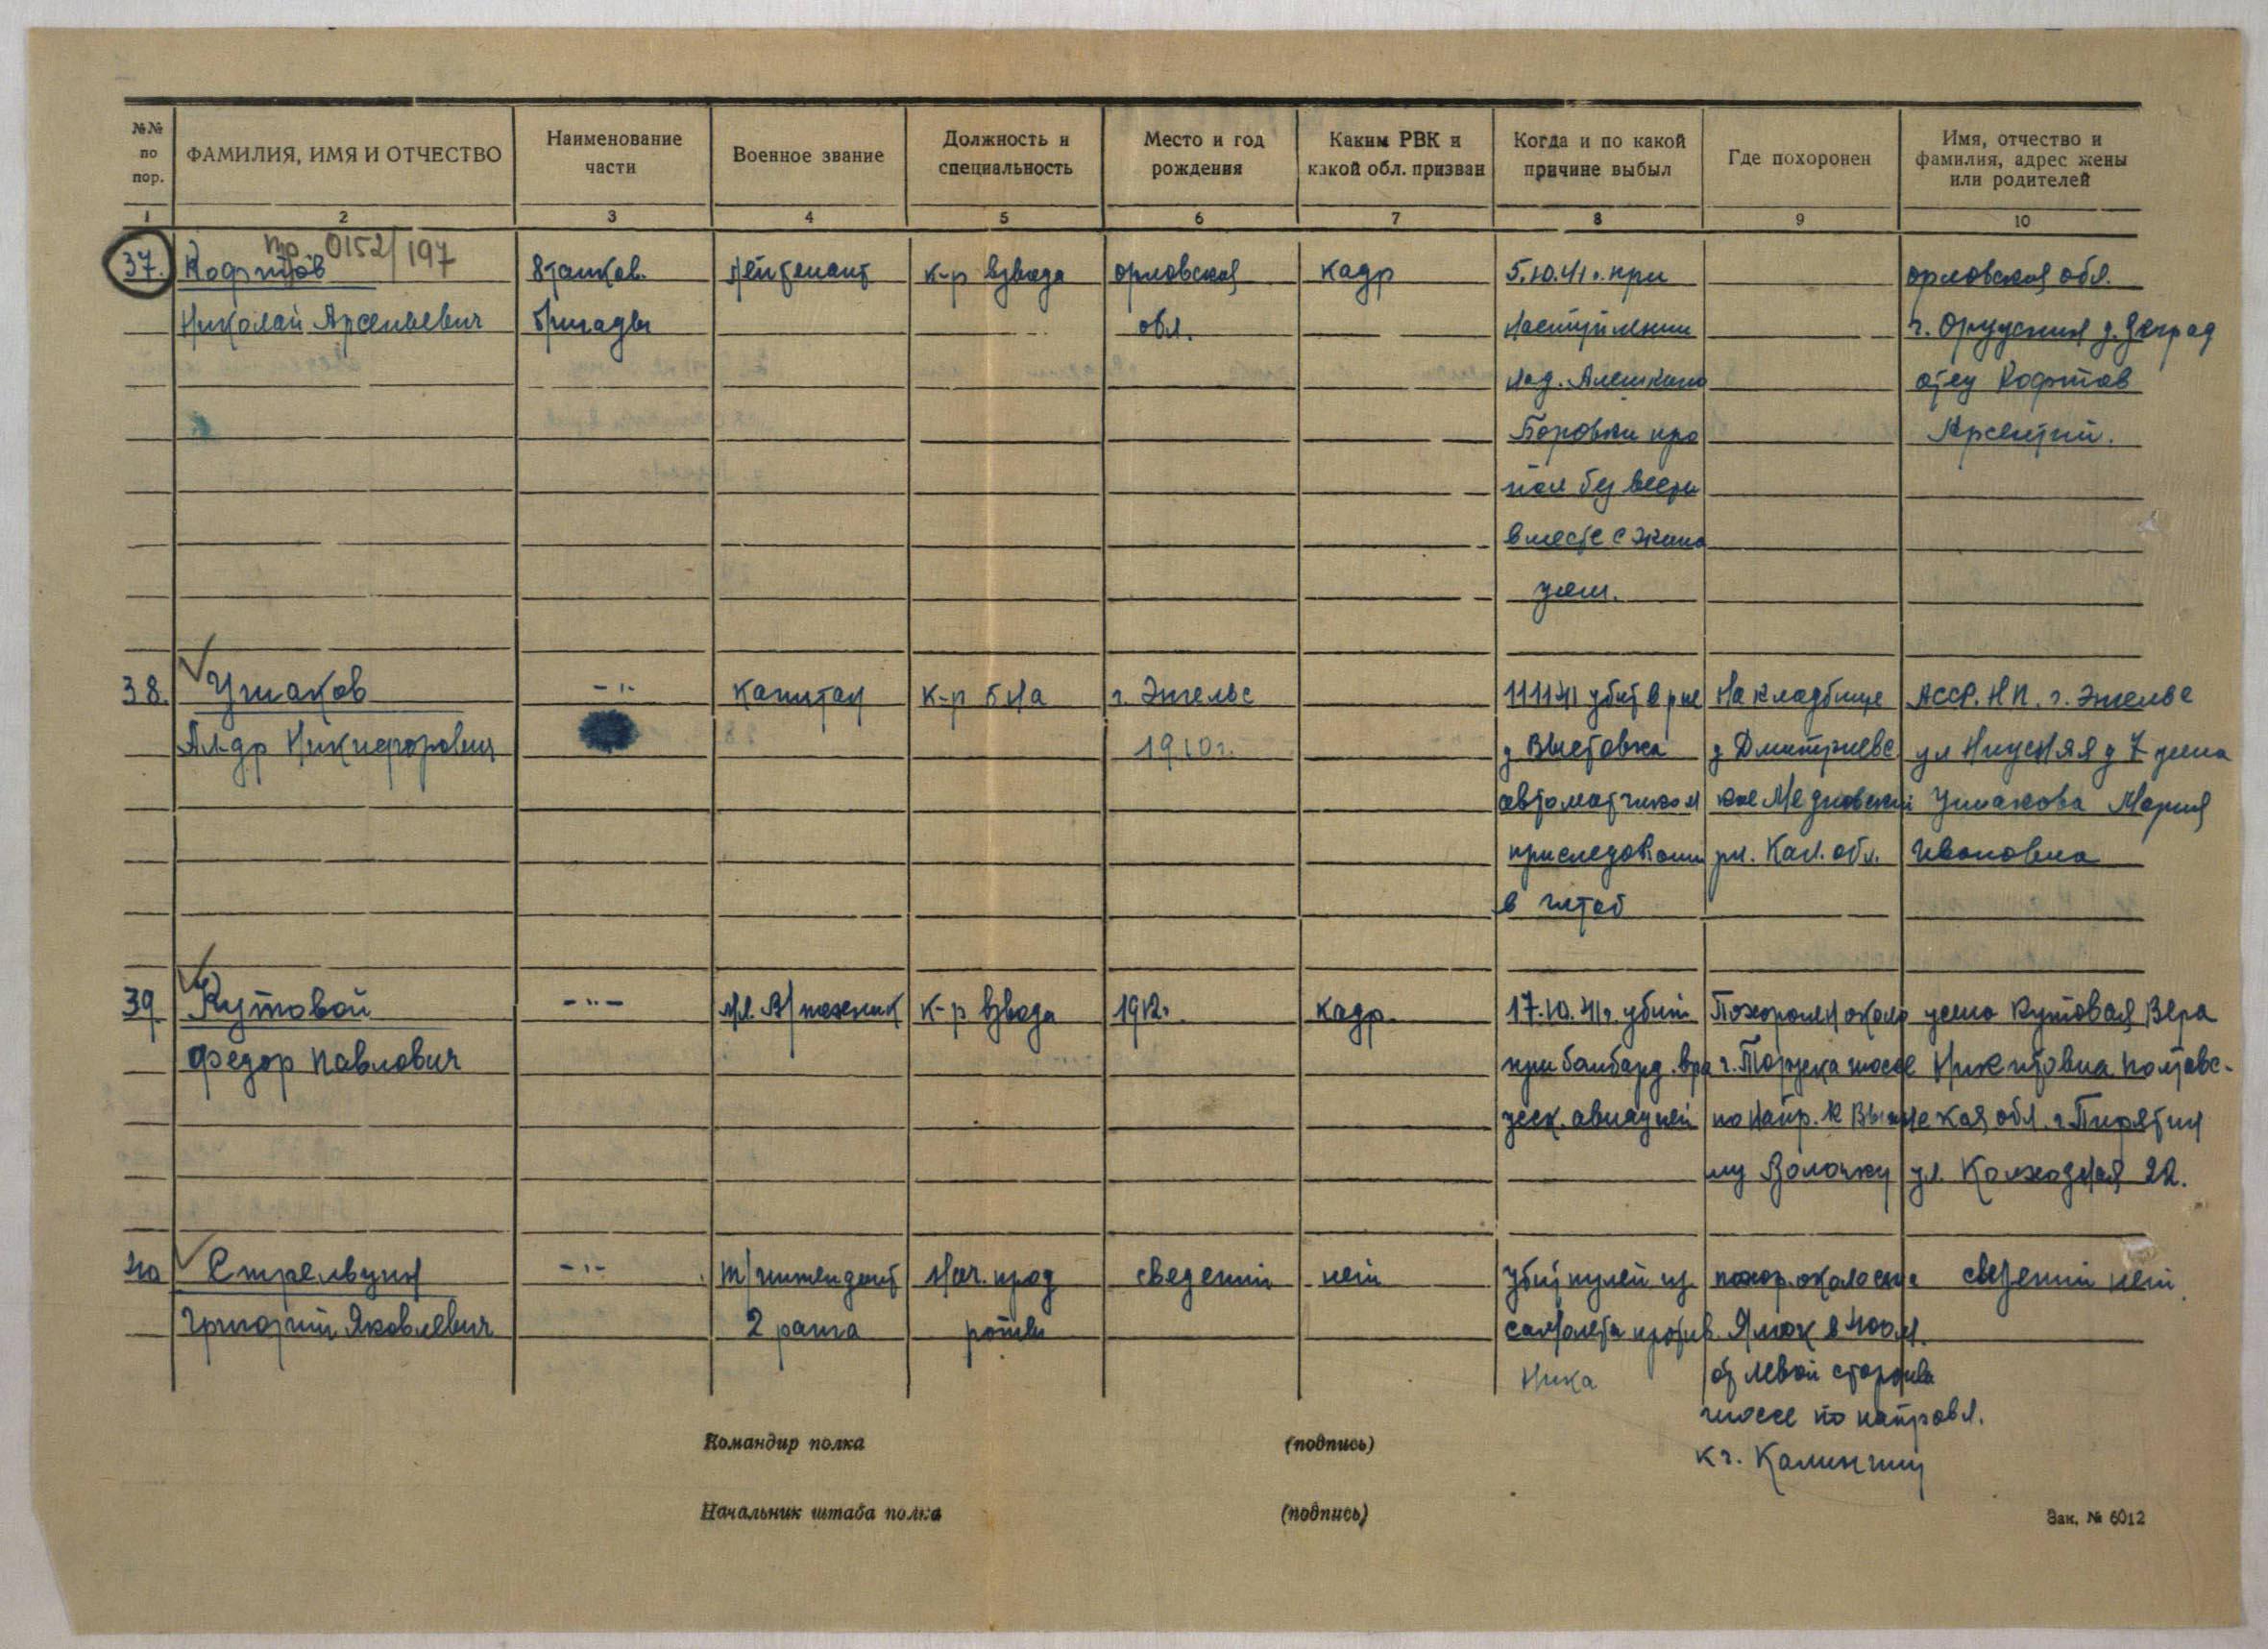 Полный официальный список захороненных в Медном - Страница 2 Imagelink?path=70f6f6b1-f1e2-4f41-bd71-84ea19f74925